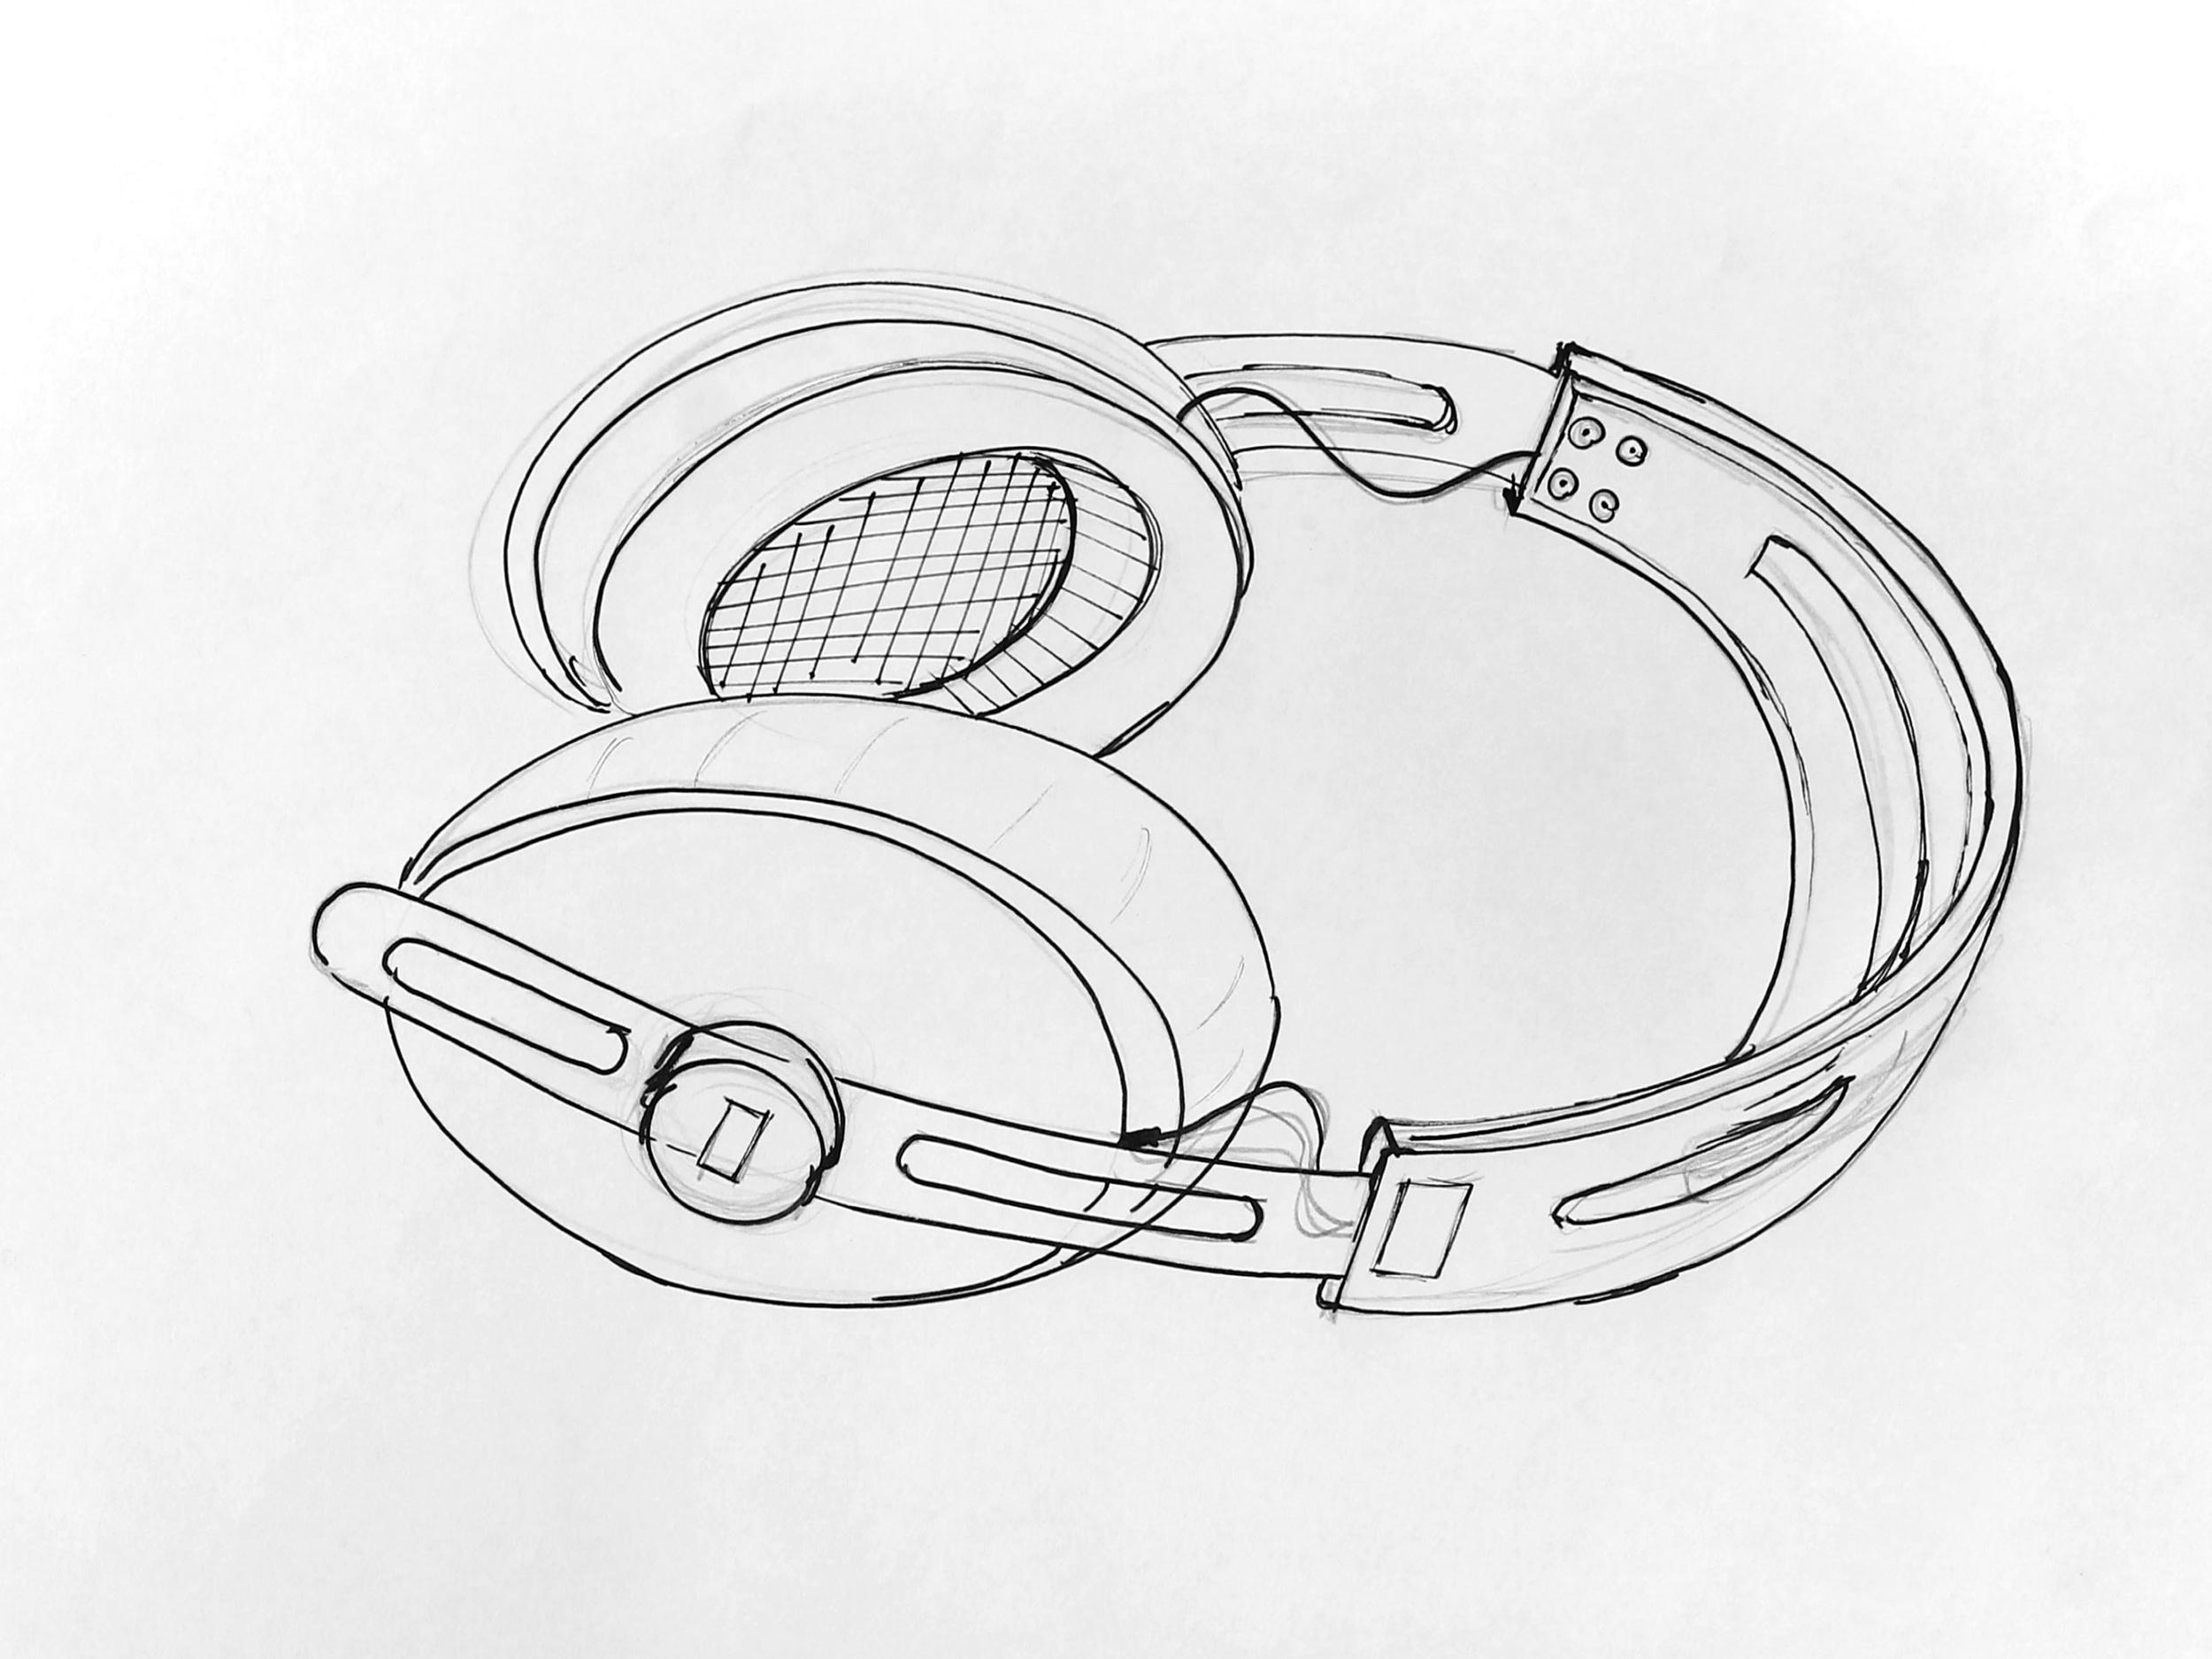 Headphones_pen.jpg